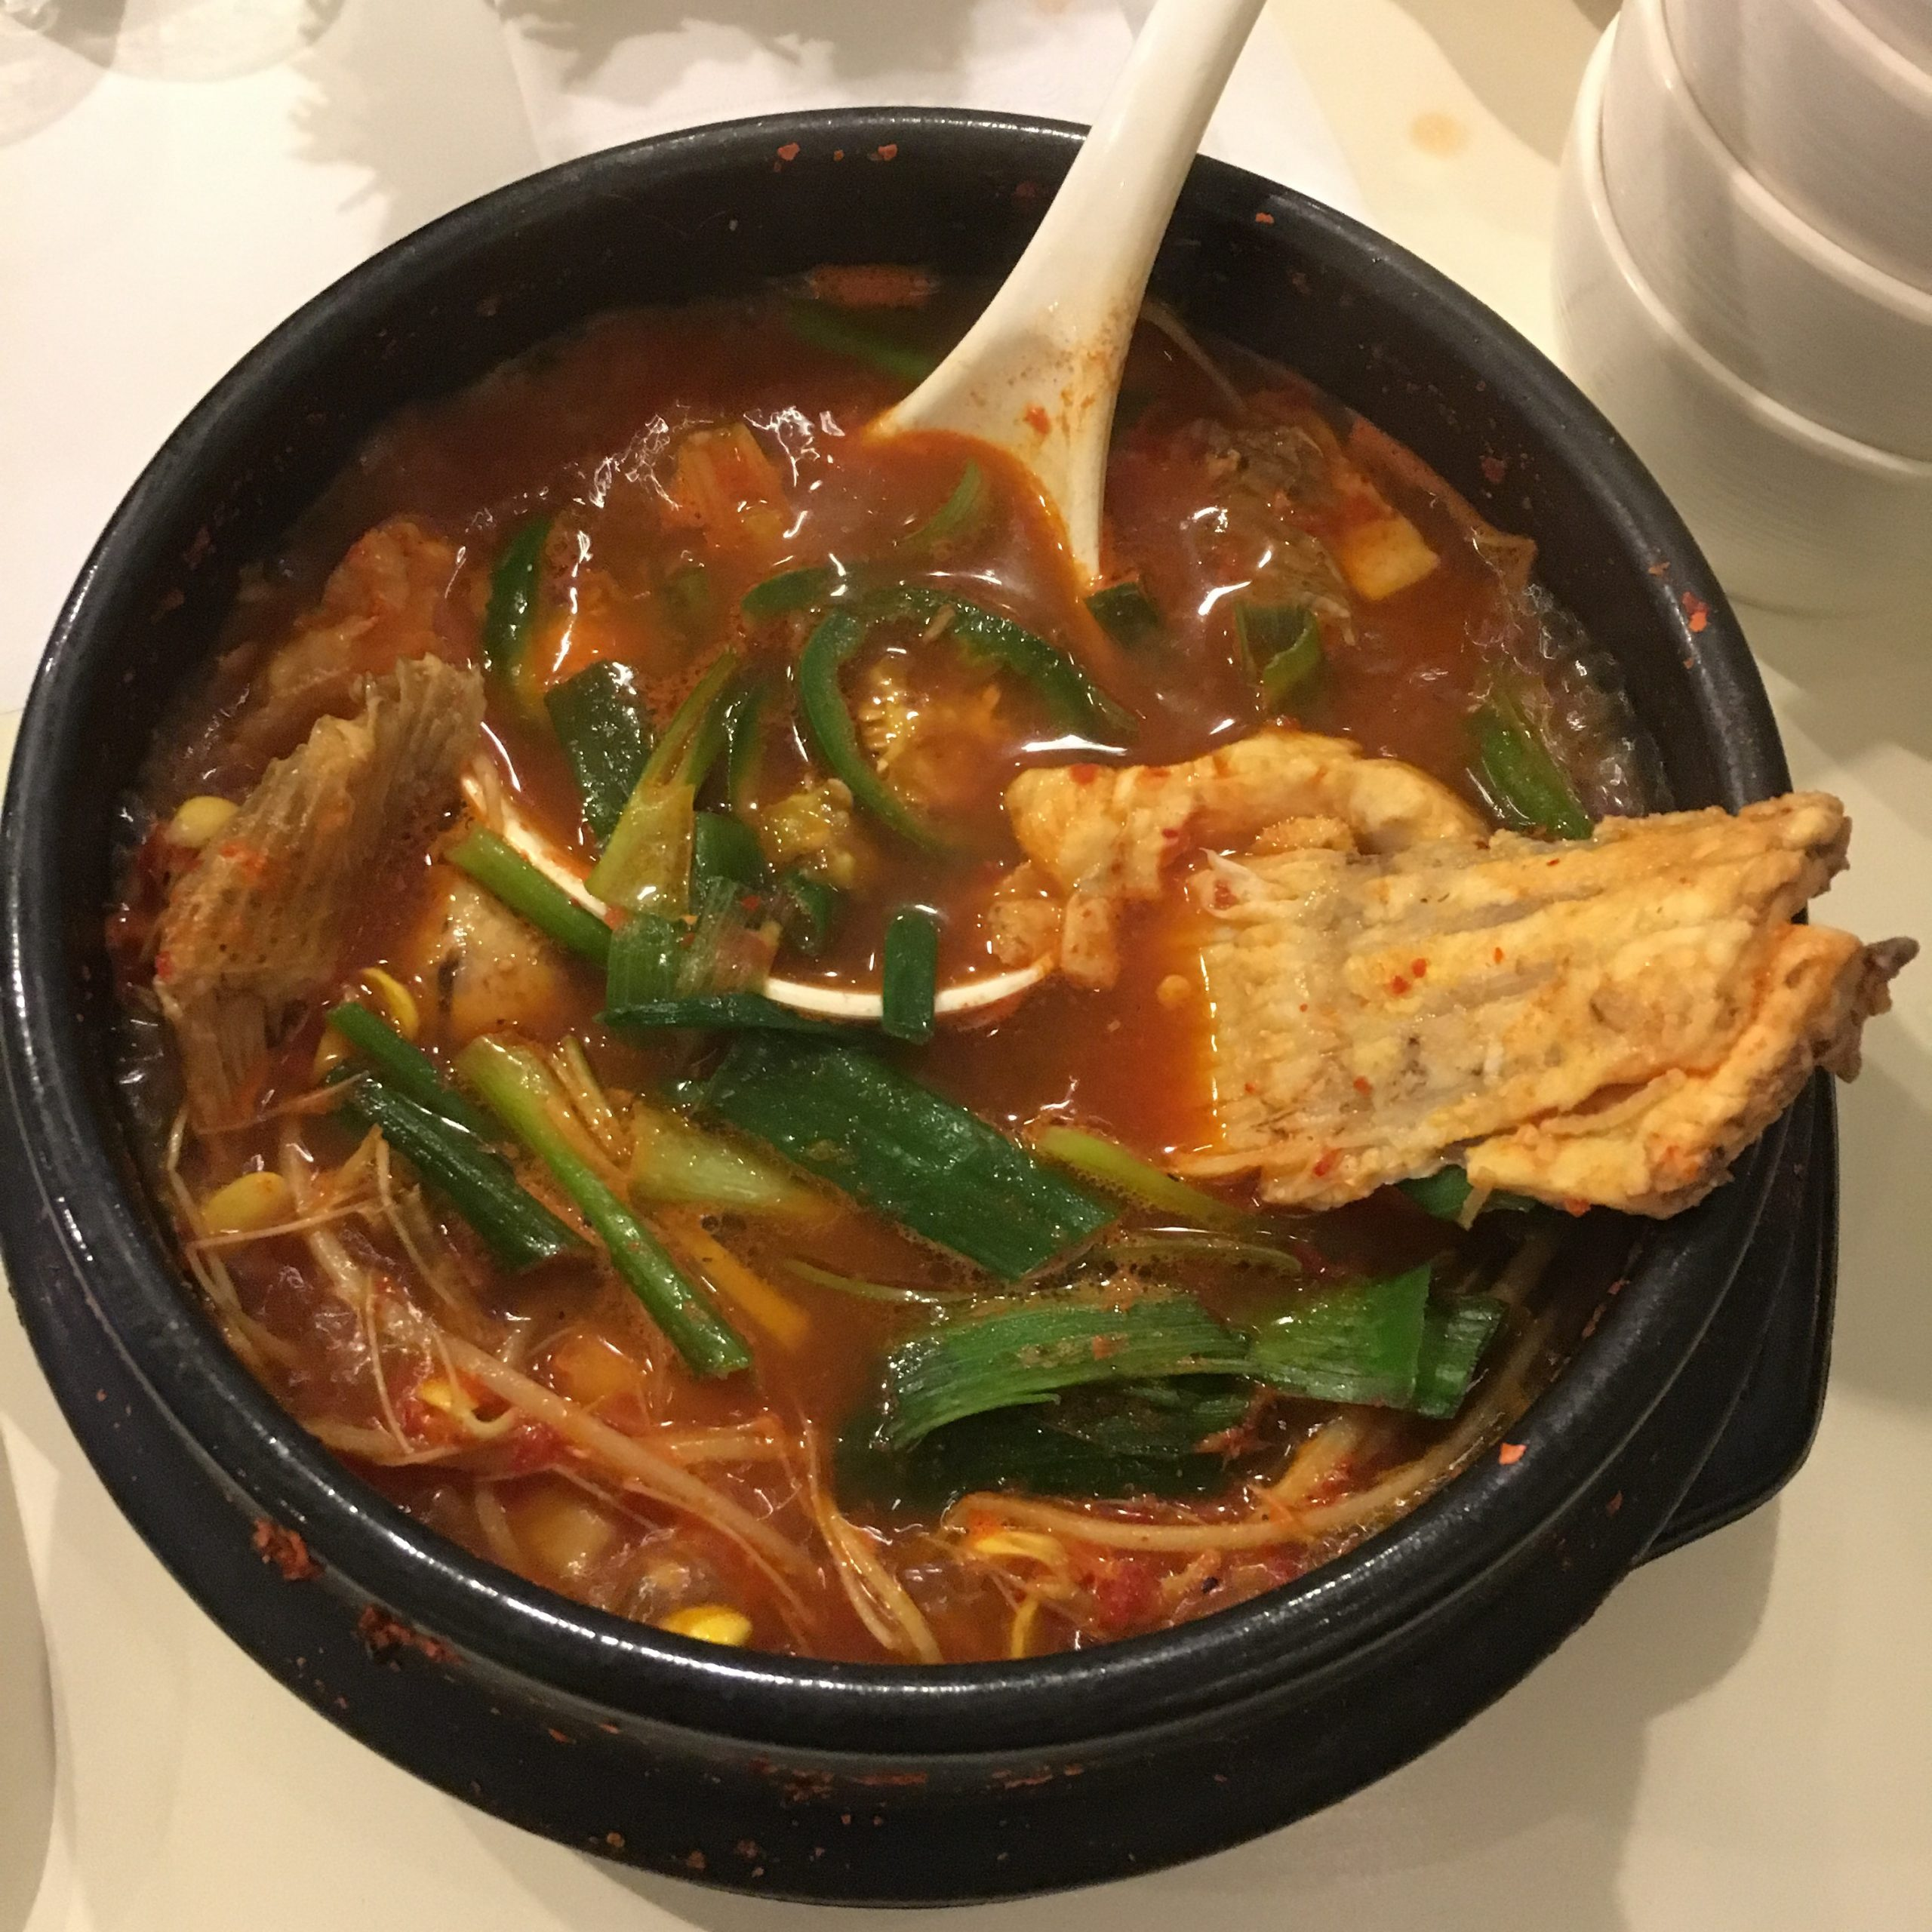 Fish stew at Shiroi Sushi